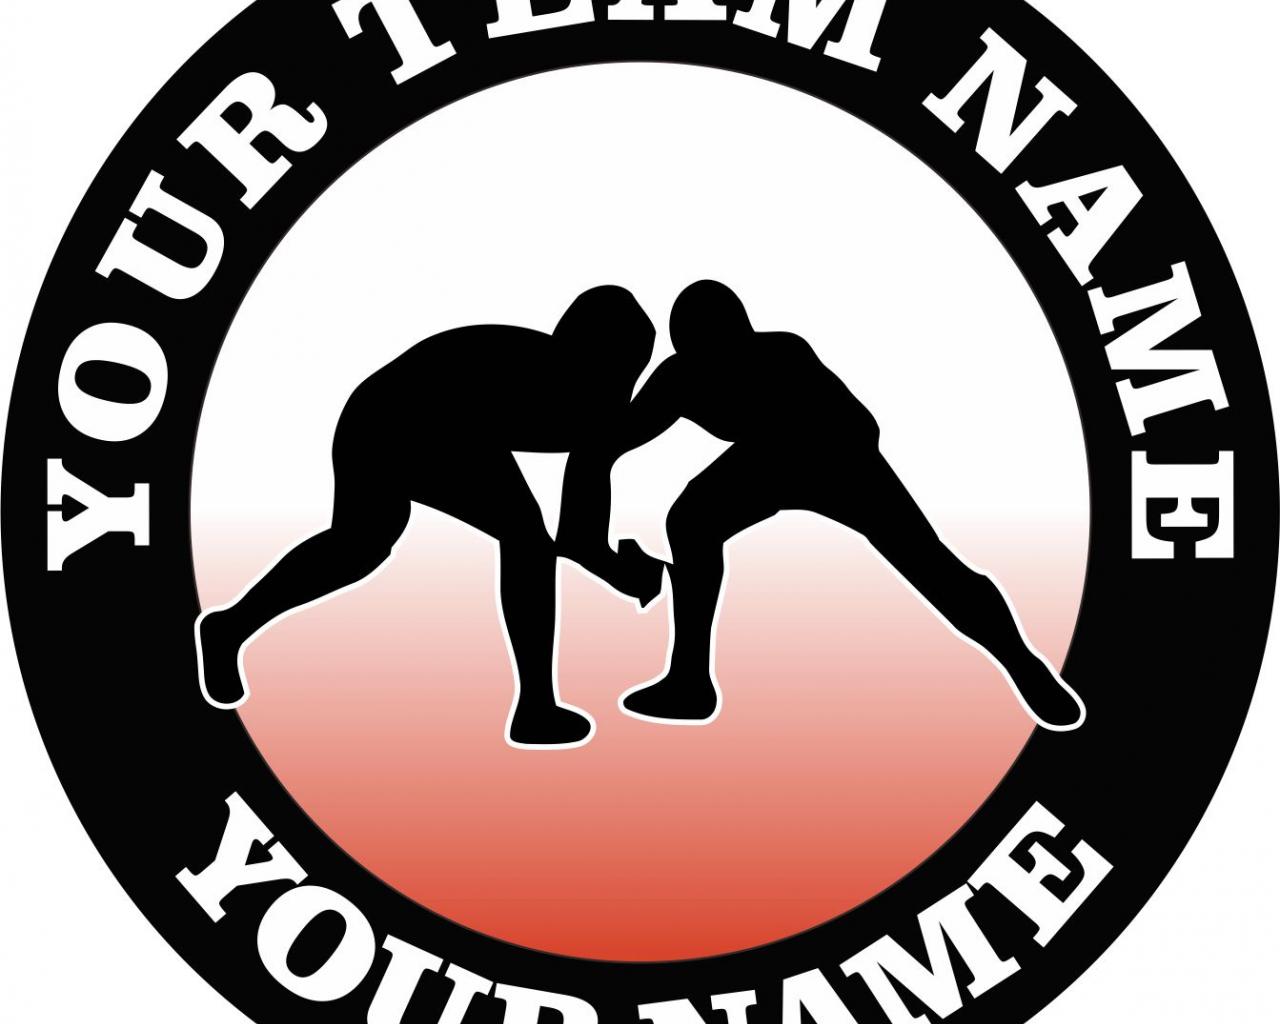 Free Download Wrestling Logo 1343x1343 For Your Desktop Mobile Tablet Explore 50 Usa Wrestling Logo Wallpaper Kupy Wrestling Wallpapers Wrestling Wallpapers Free Pro Wrestling Wallpaper